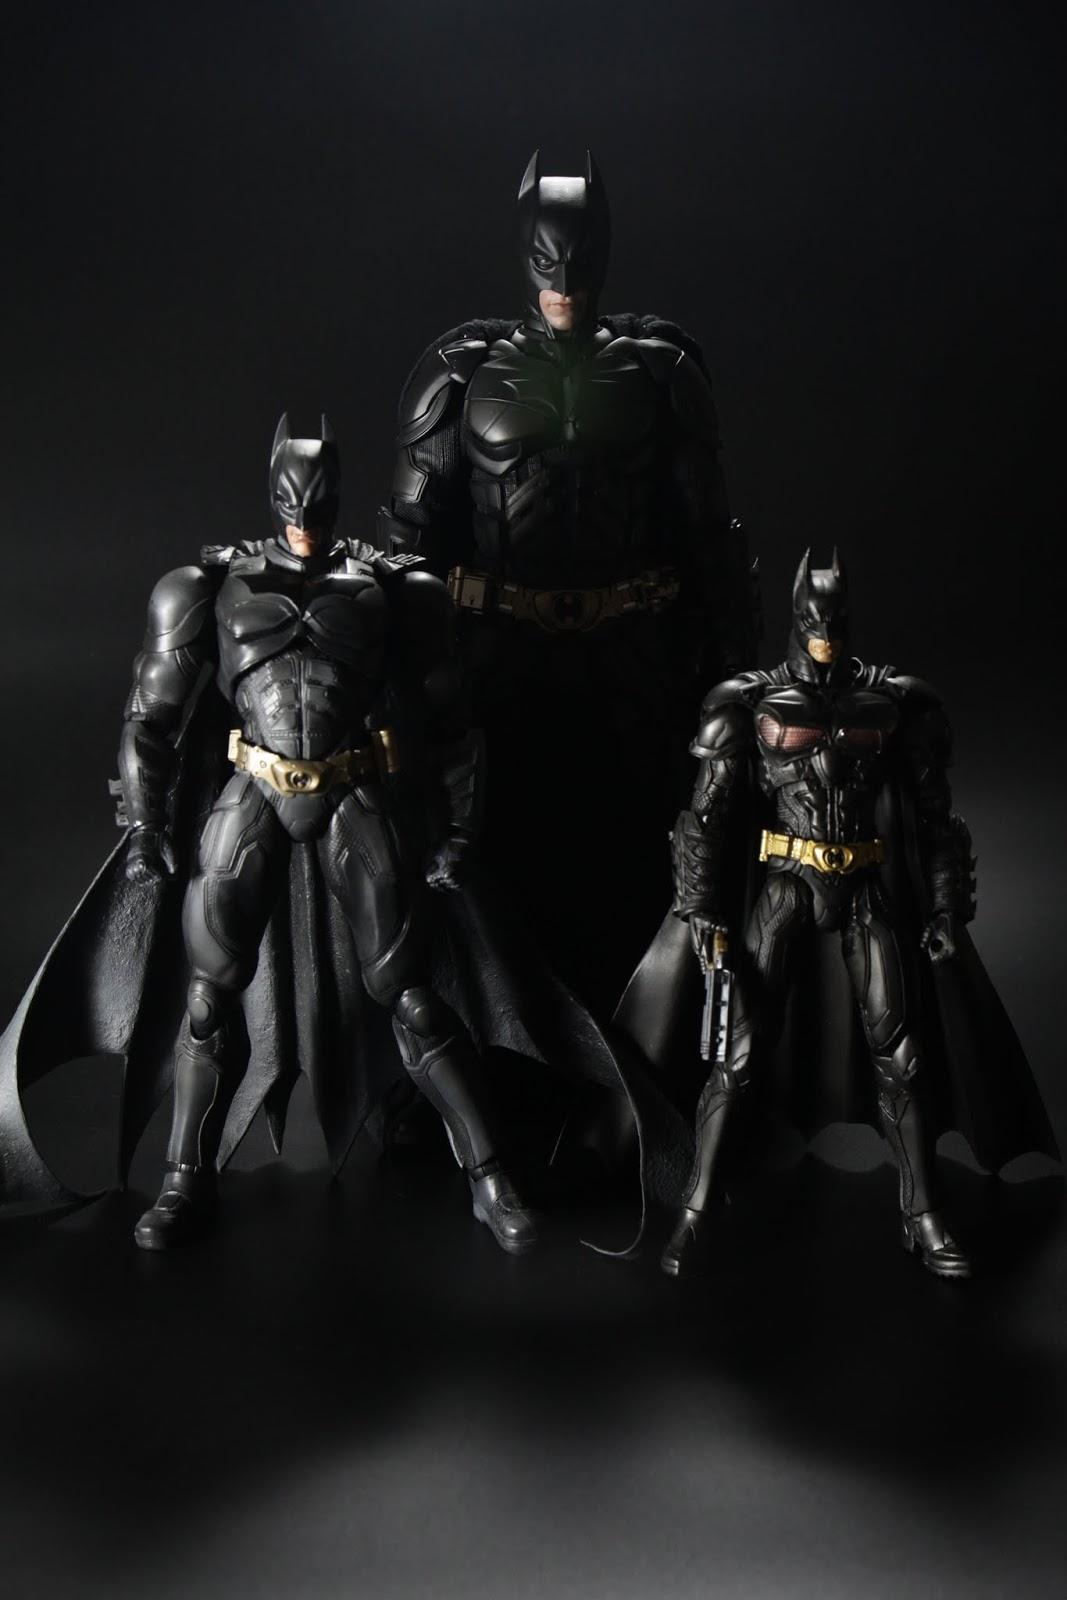 """三種""""The Dark Knight"""" 三種不同風格"""